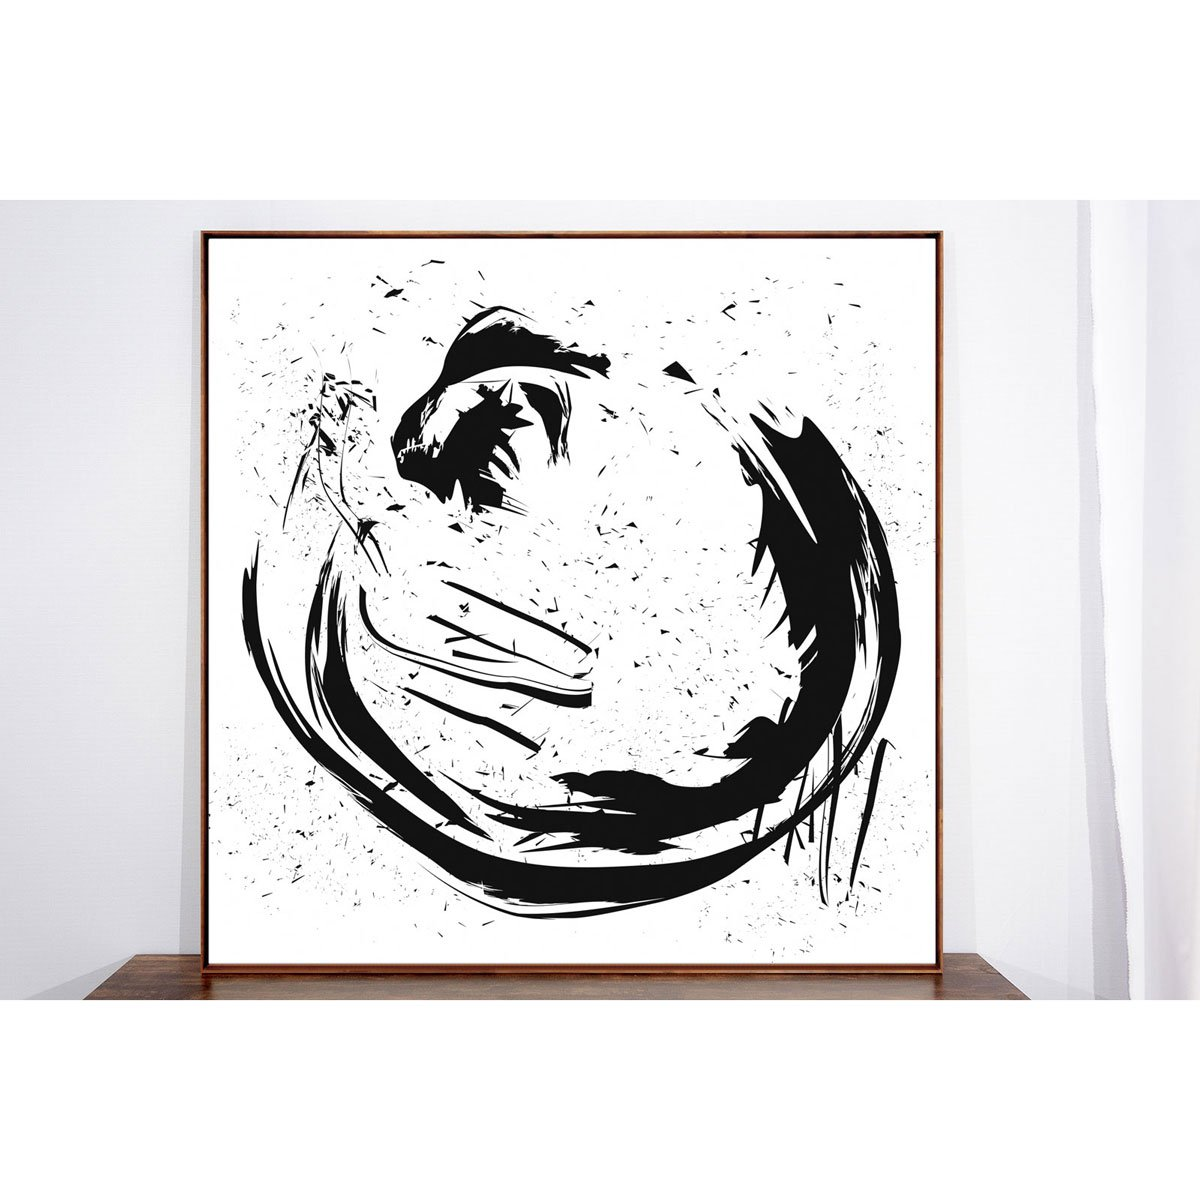 Quadro Tela Arte Moderna Abstrata Moldura na Cor Mel 130x130cm